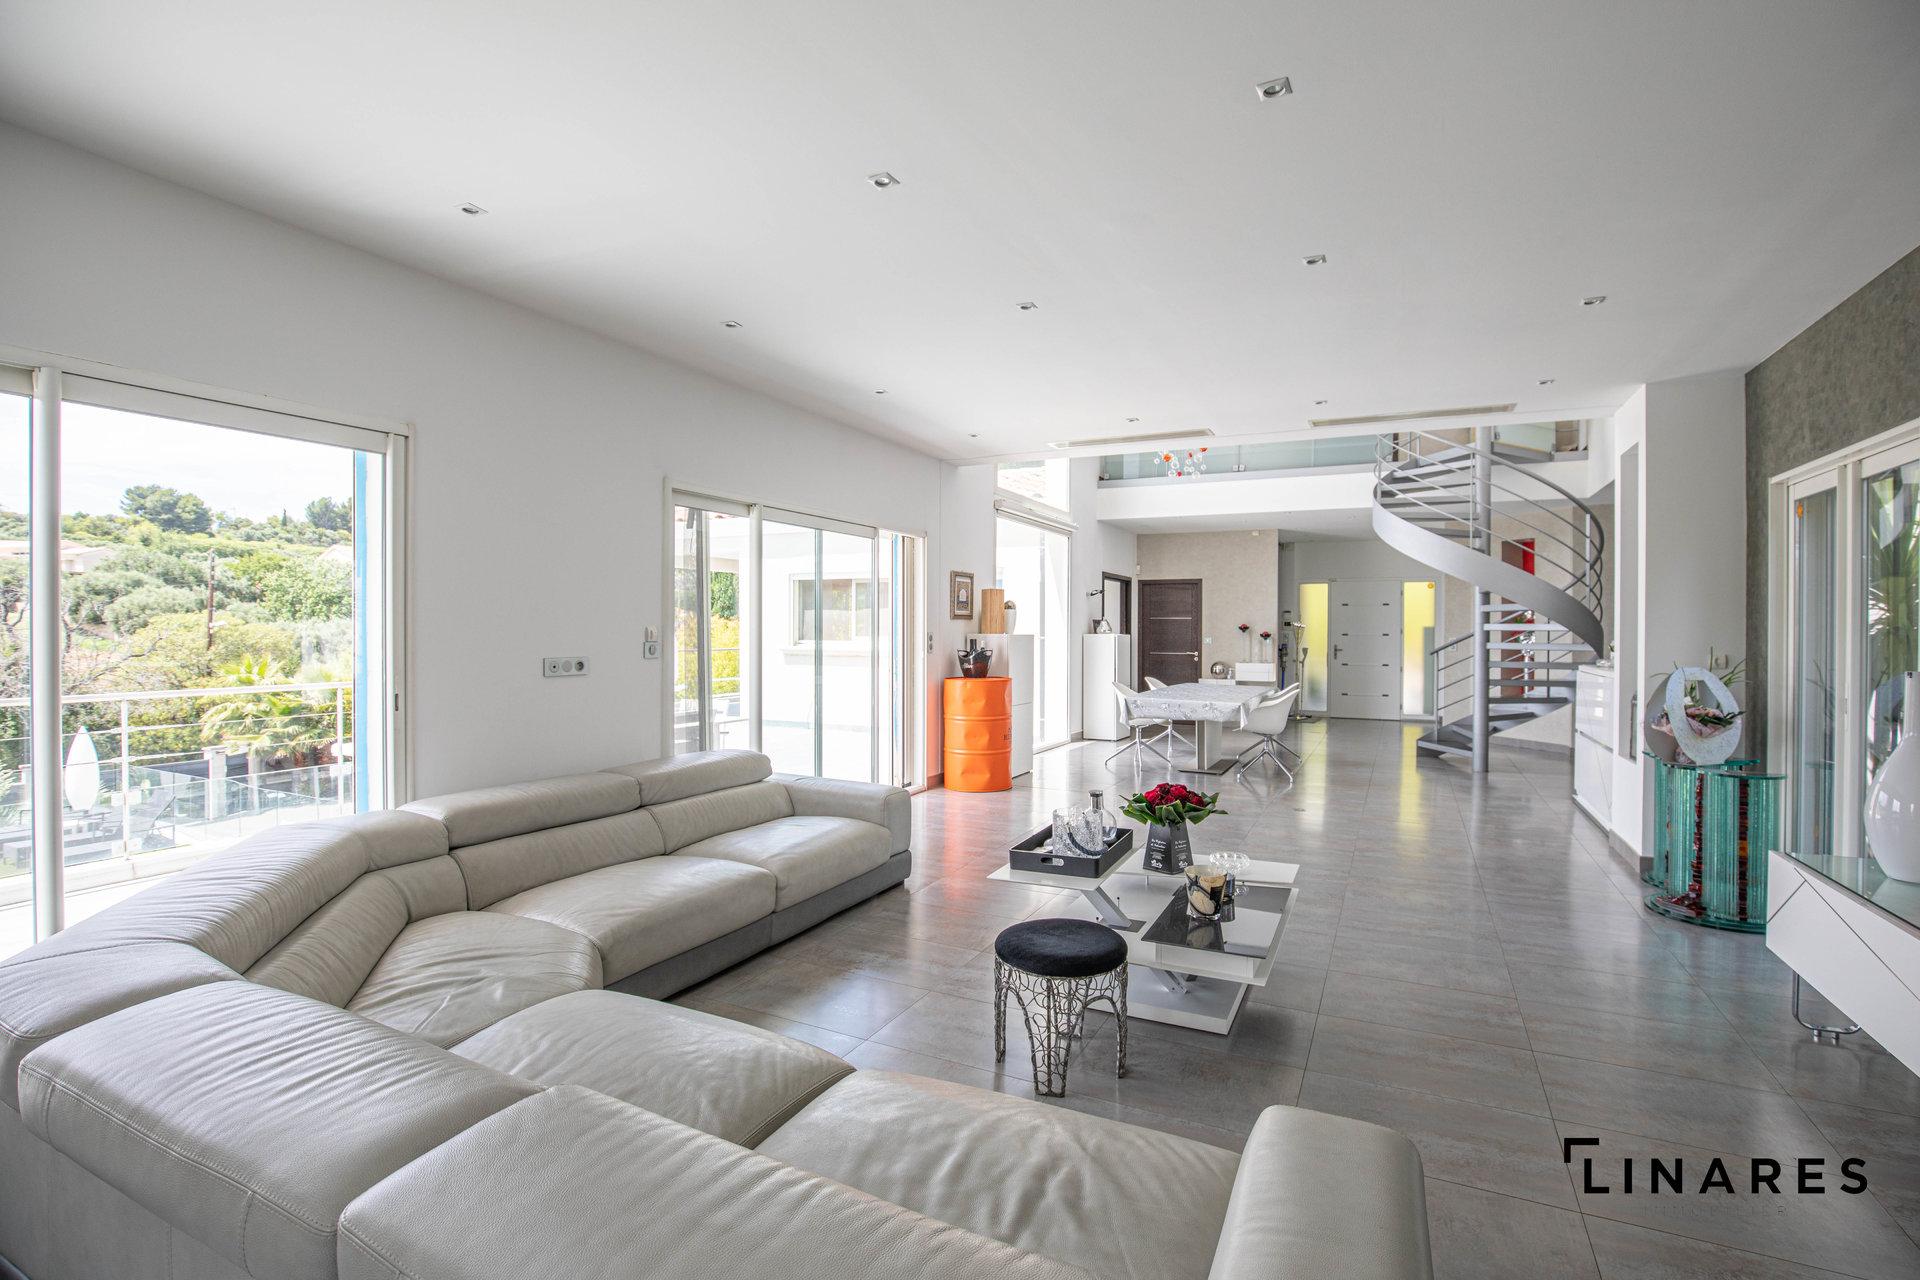 PRESTIGE A LA CAMPAGNE - Villa T5 de 260m2 sur un terrain de 2000m2